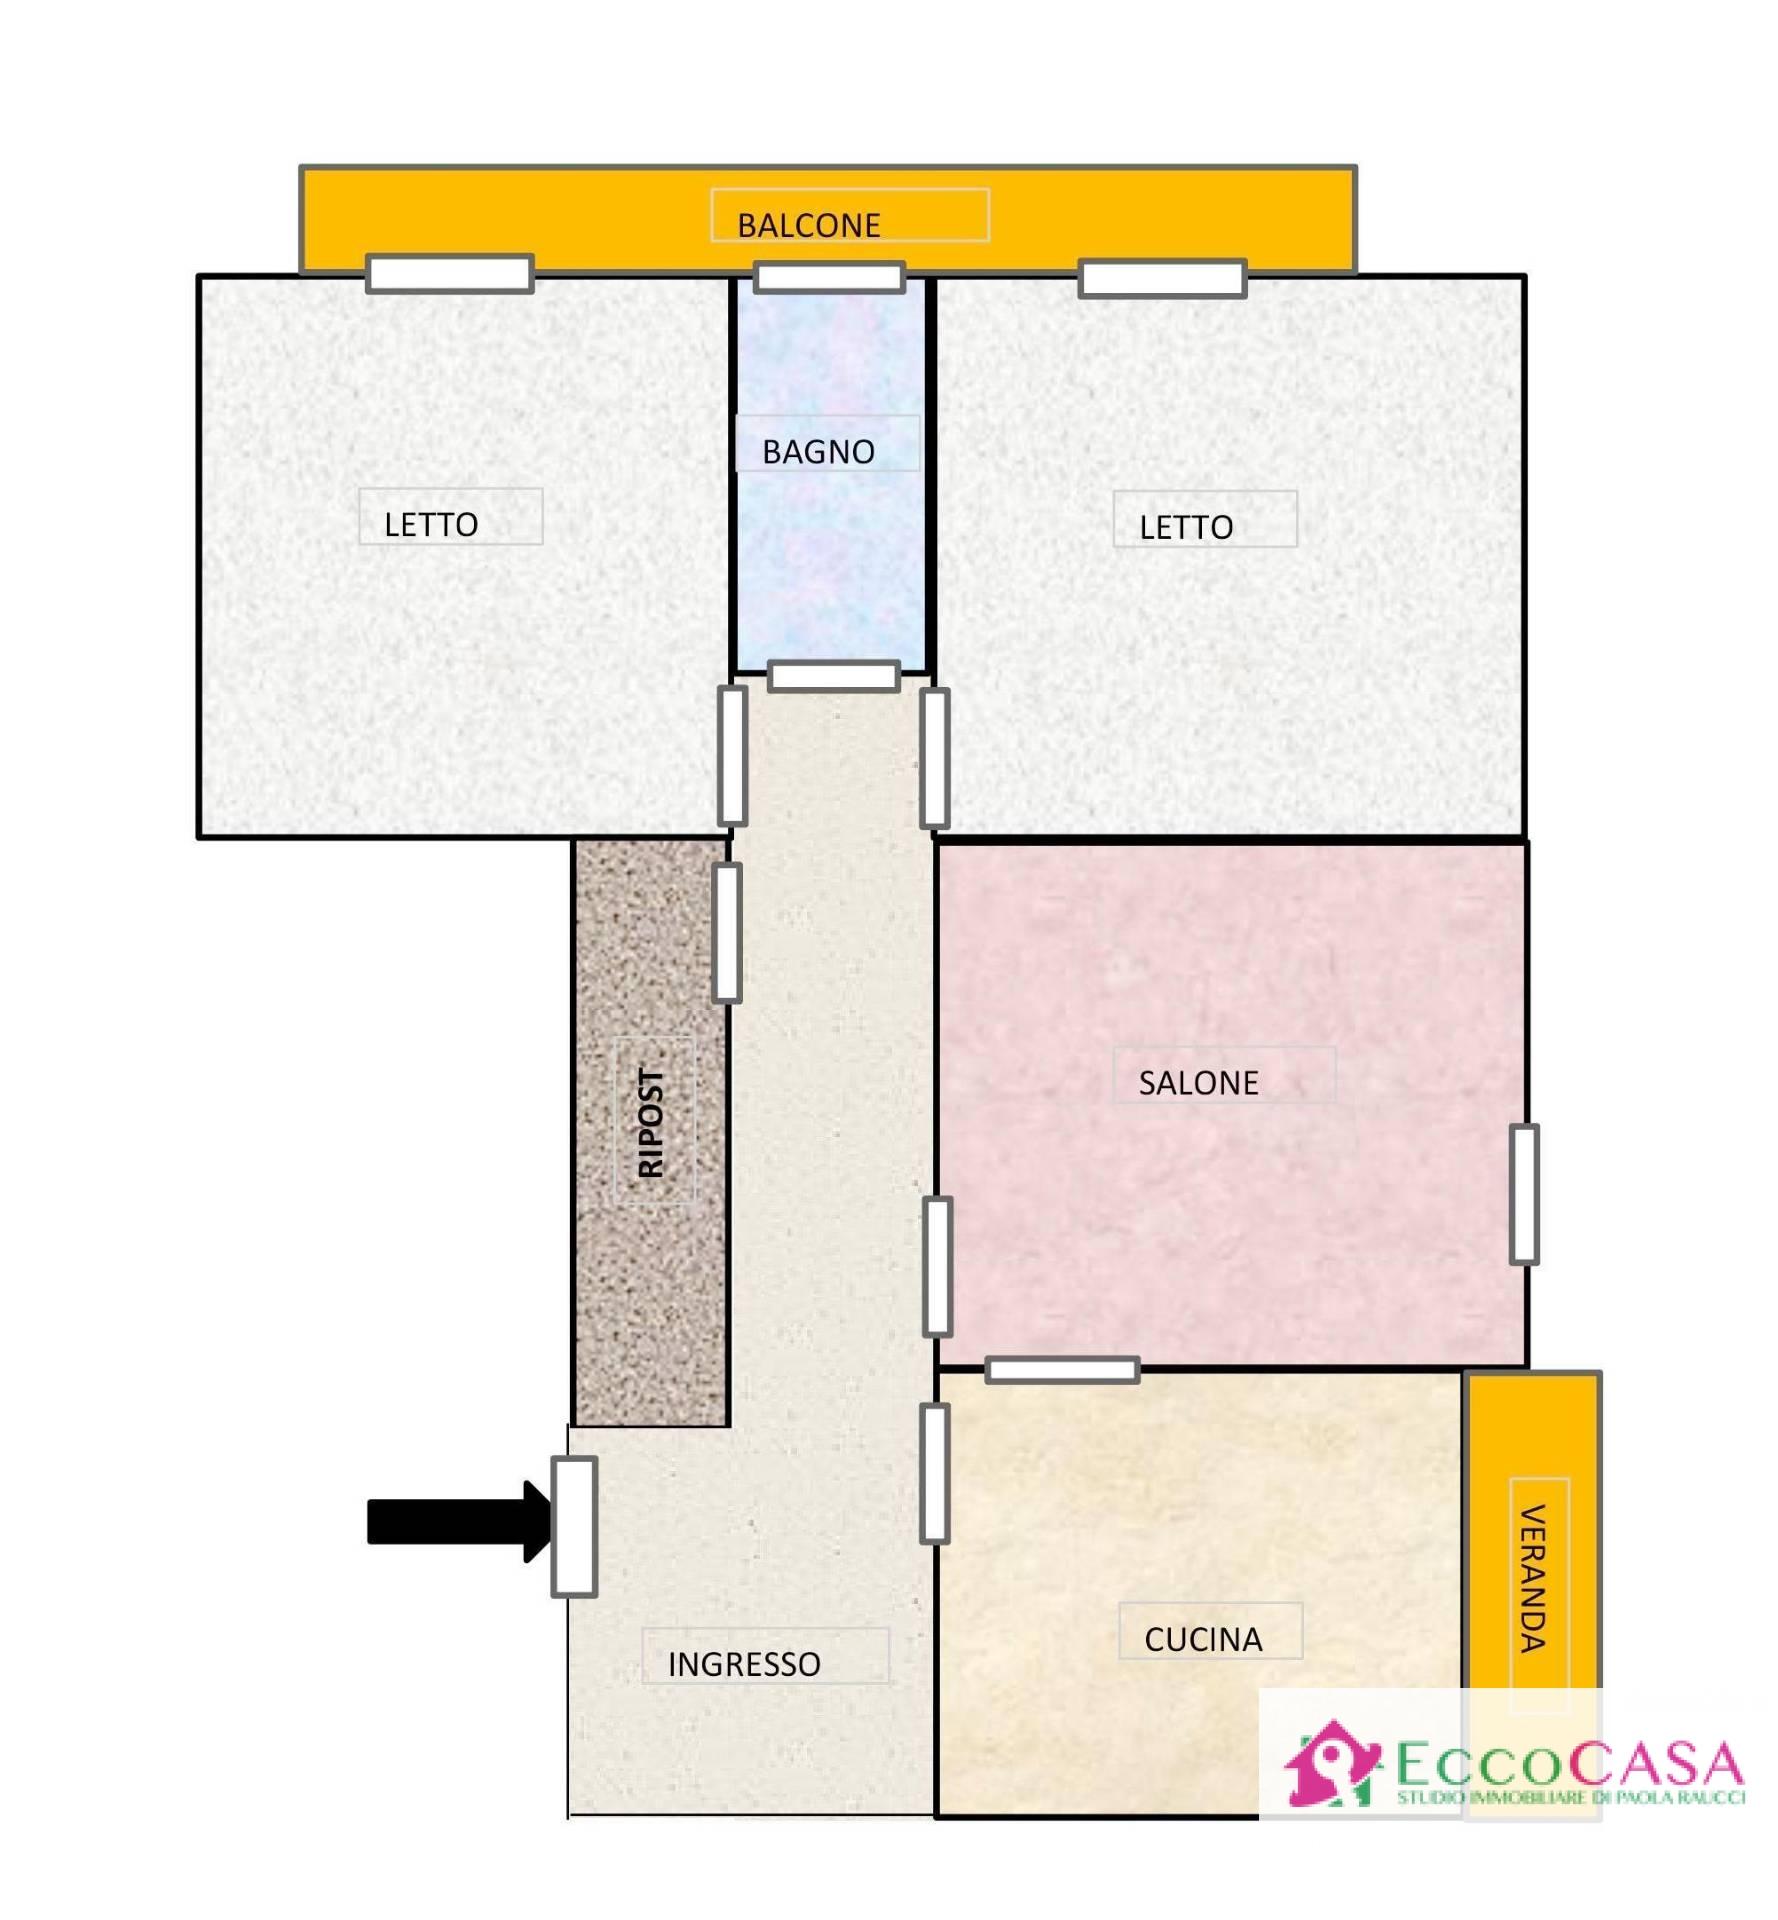 Appartamento in vendita a Maddaloni, 3 locali, prezzo € 69.000 | CambioCasa.it